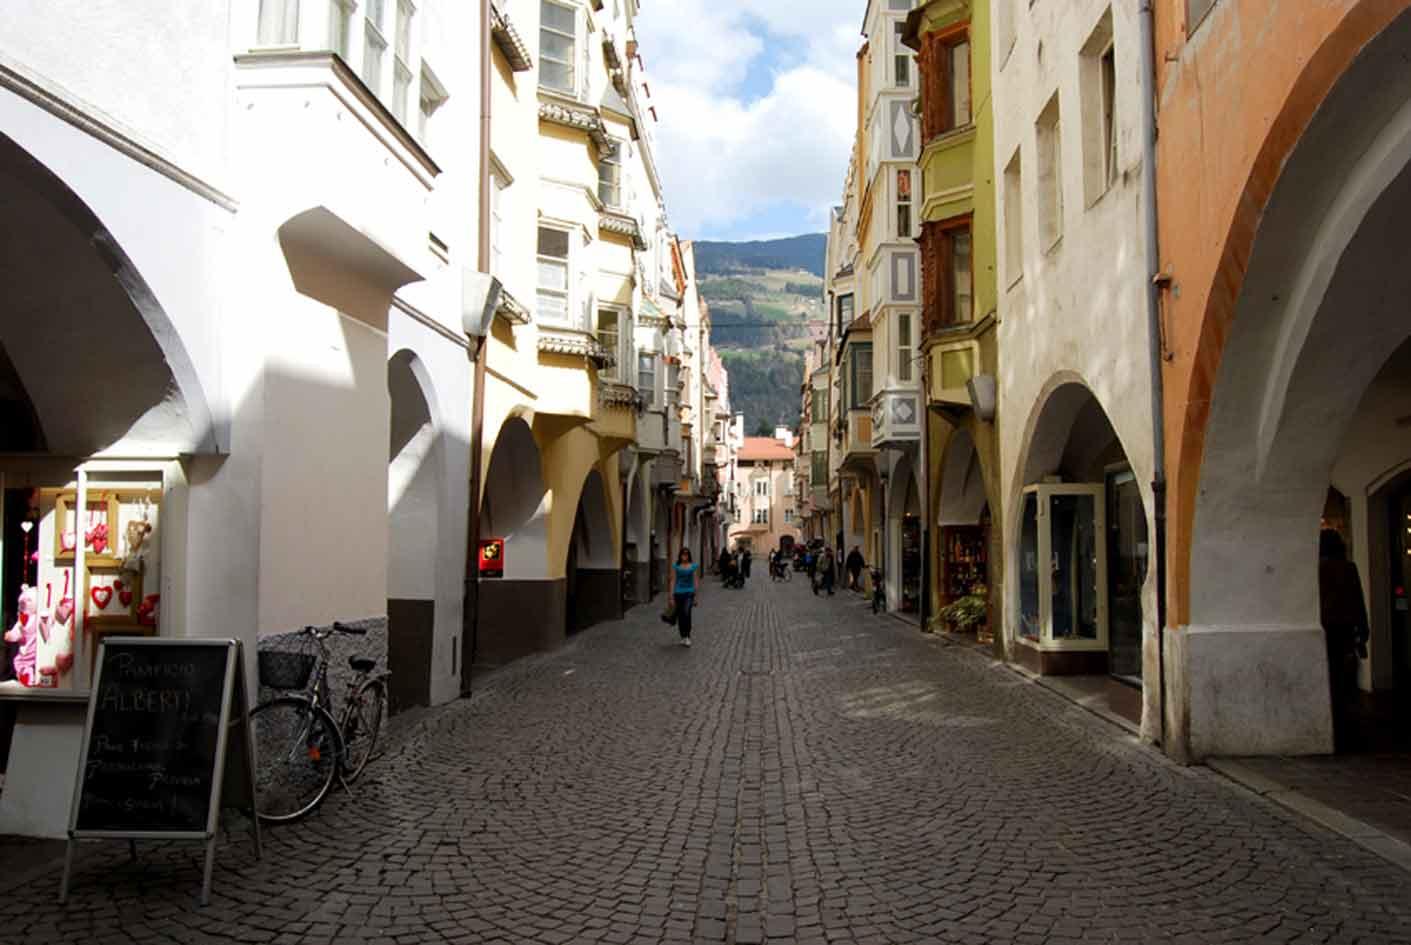 Guide turistiche bressanone luciano vivaldo il centro for Hotel a bressanone centro storico